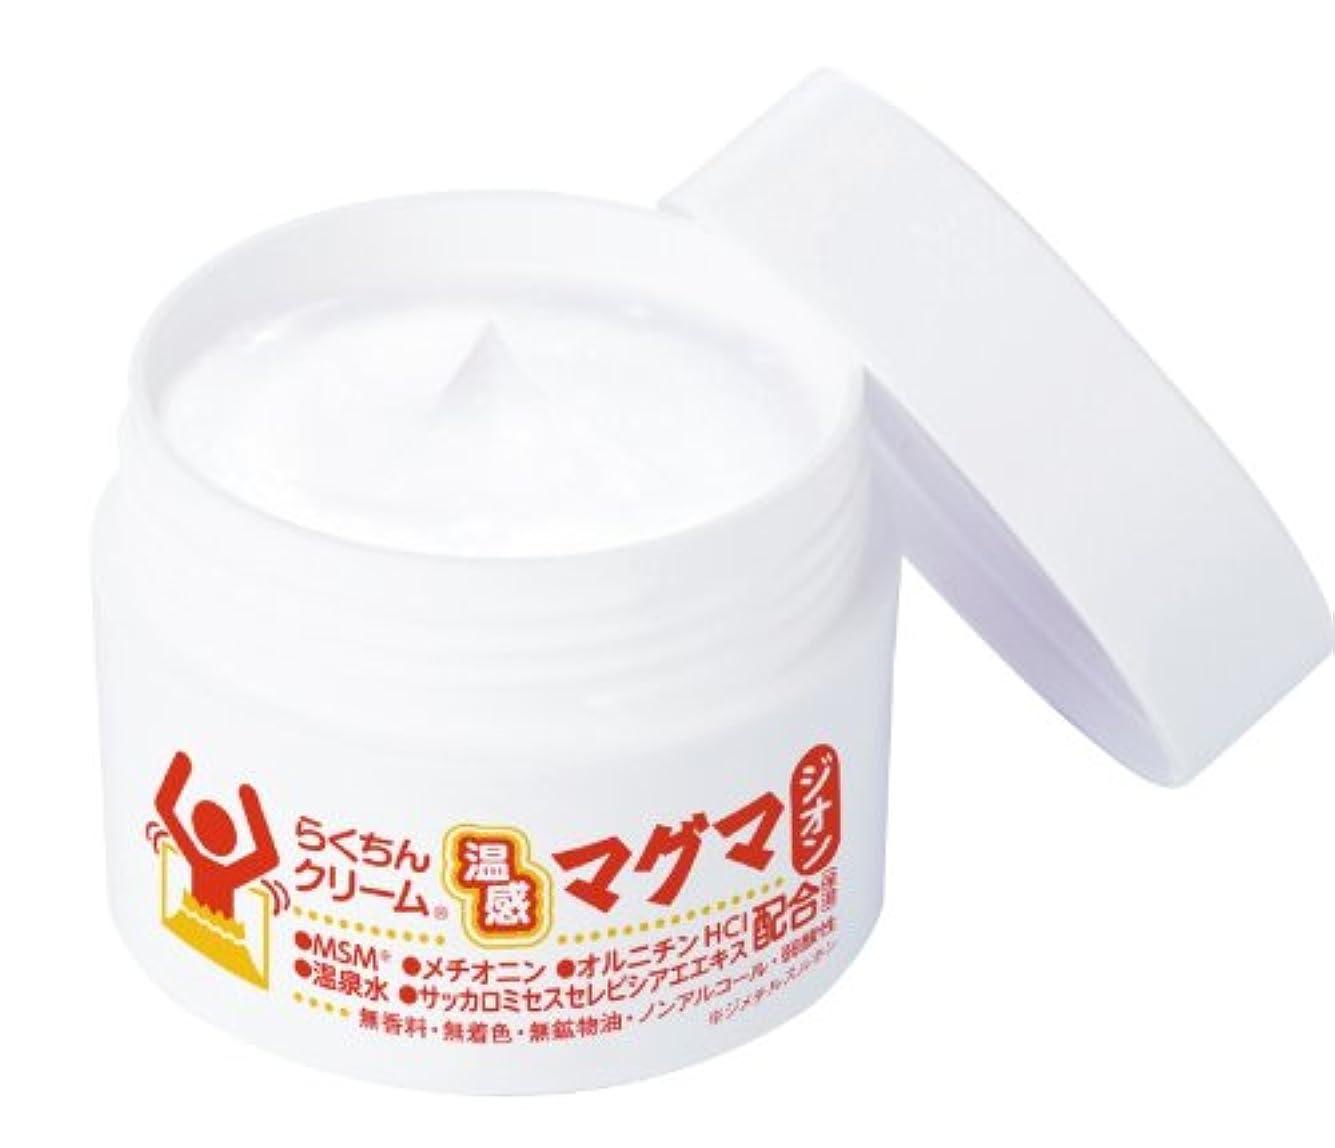 消費者出くわす更新らくちんクリーム 温感マグマ ジオン 2個セット ※プロも認めたマッサージクリーム!温感マグマ!自然素材の刺激がリラックス気分をもたらせます!